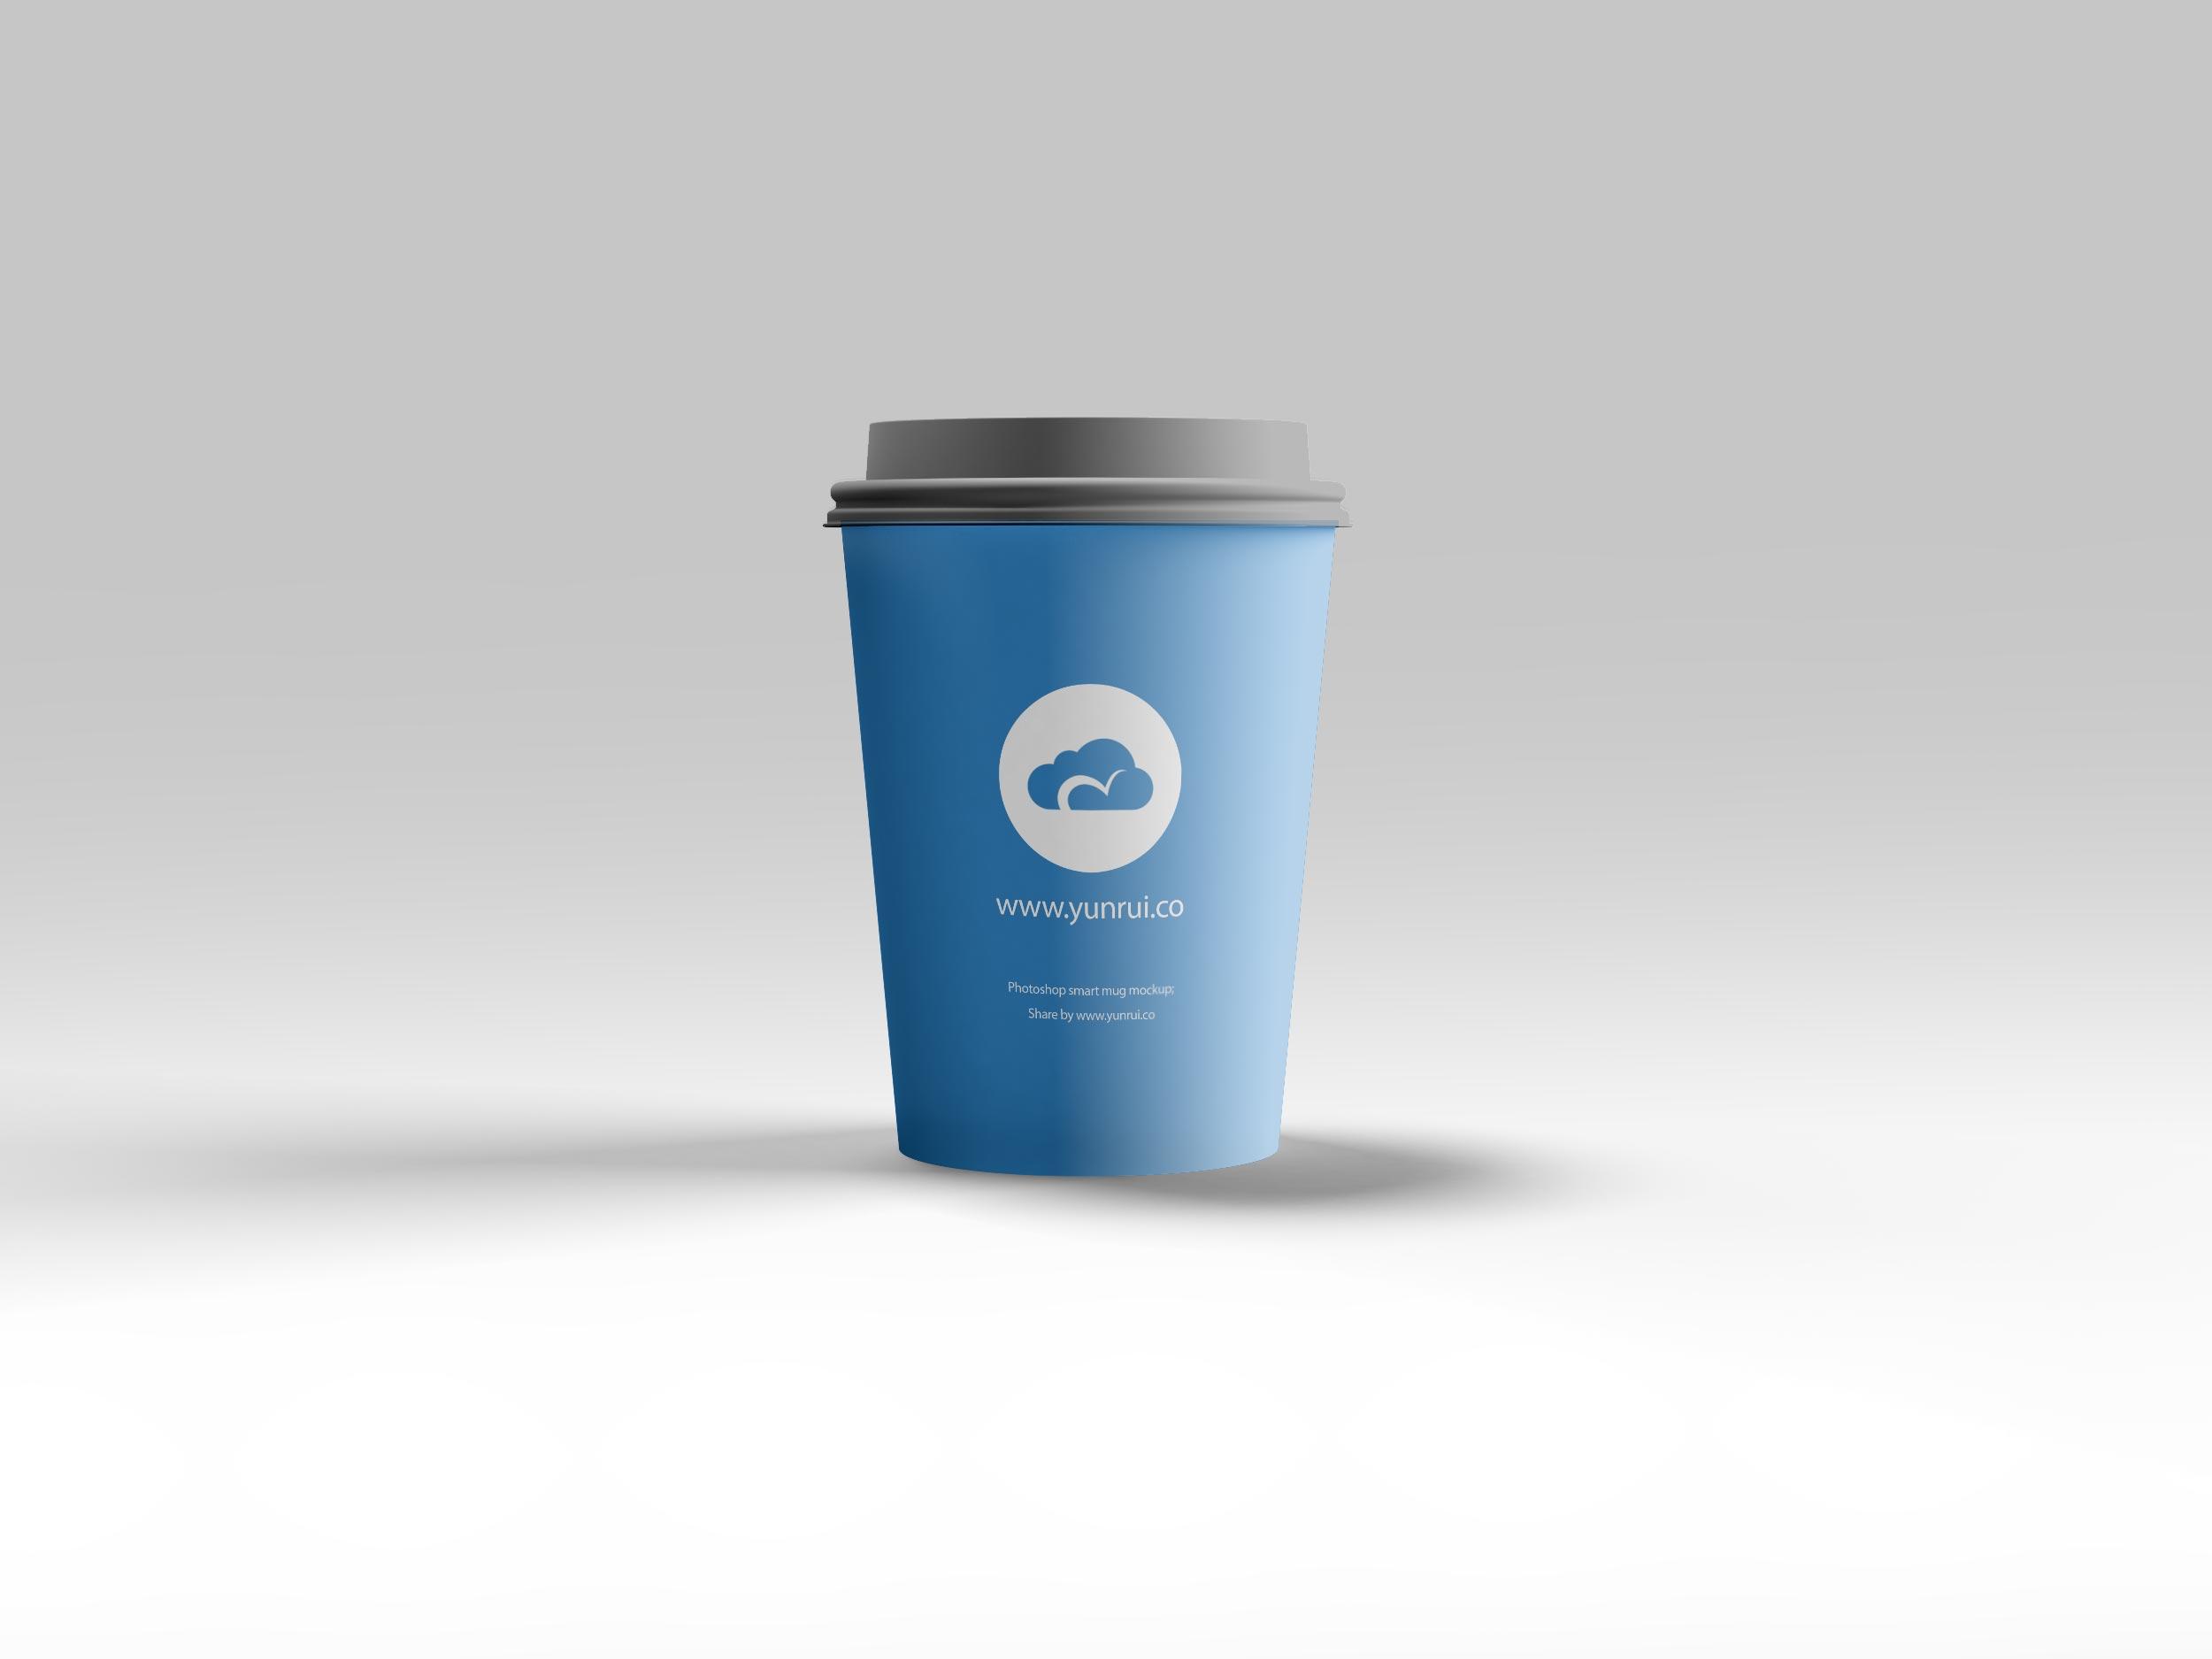 一个完美的纸杯设计展示模型(Mockup)PSD下载设计素材模板